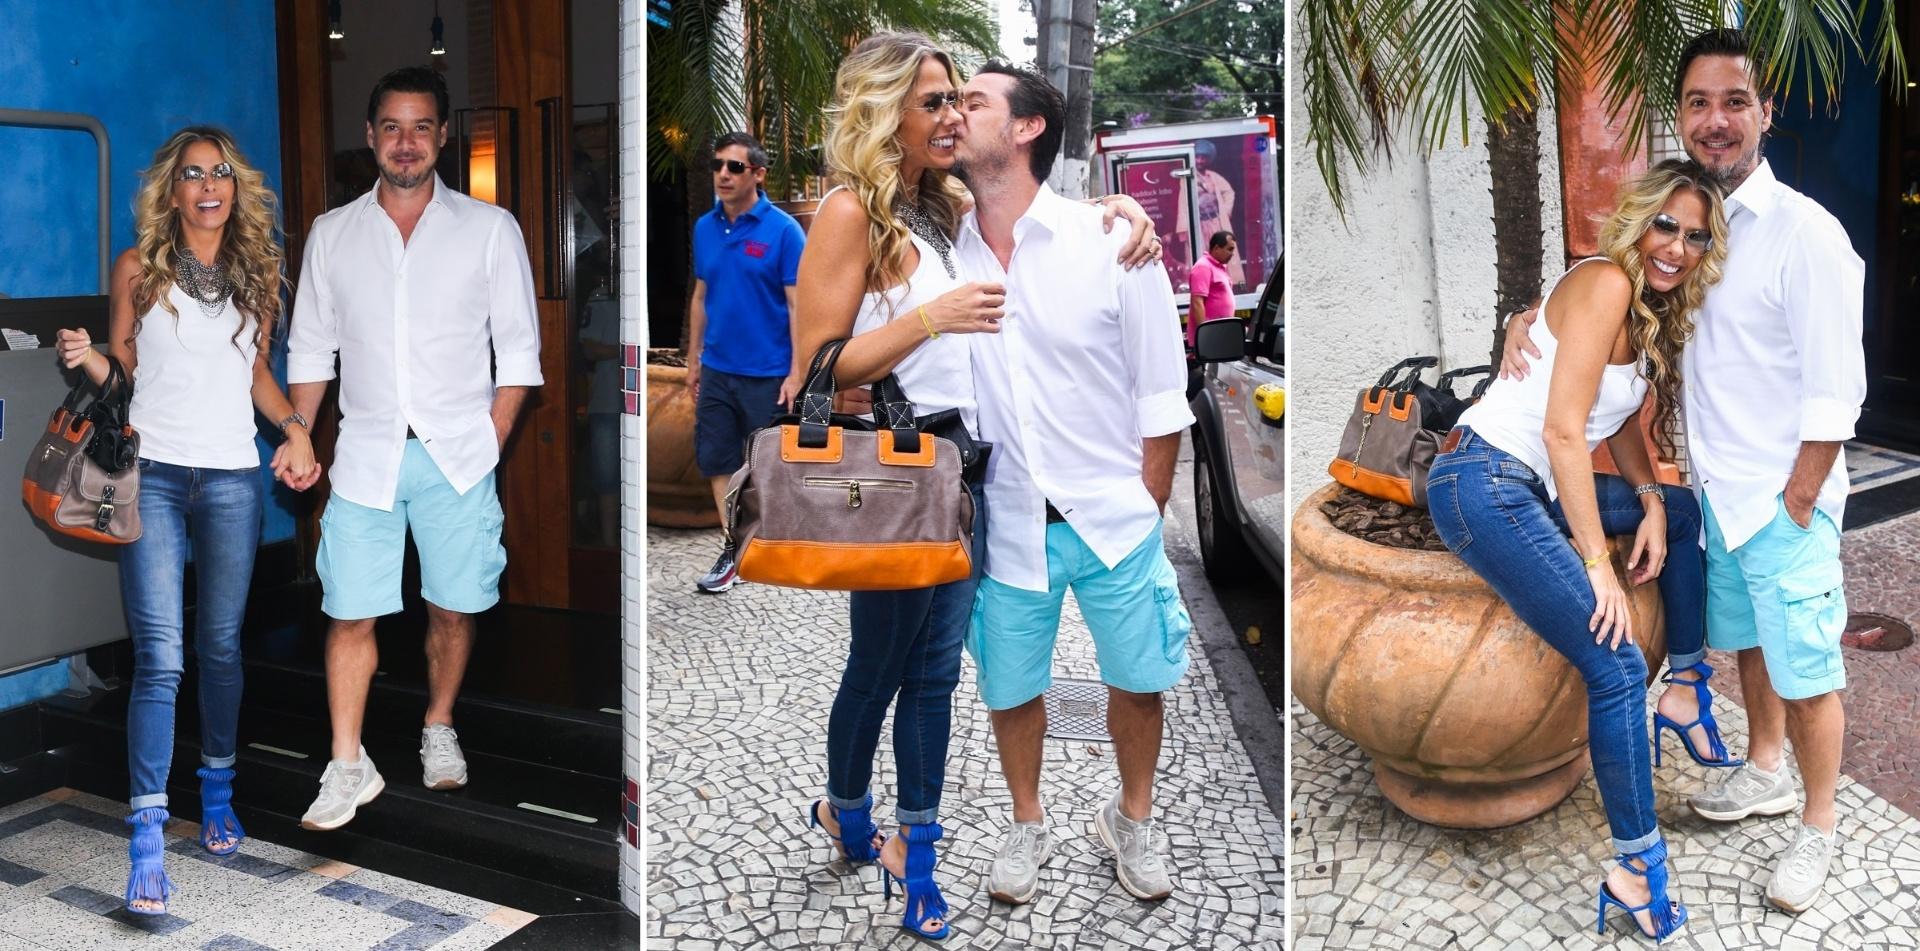 12.abril.2014 - Adriane Galisteu ganha beijo do marido ao deixar restaurante em São Paulo. A demonstração de carinho entre a apresentadora e o empresário da moda Alexandre Iódice foi registrada na tarde deste sábado (12), na porta do restaurante árabe Arábia, localizado no Jardins